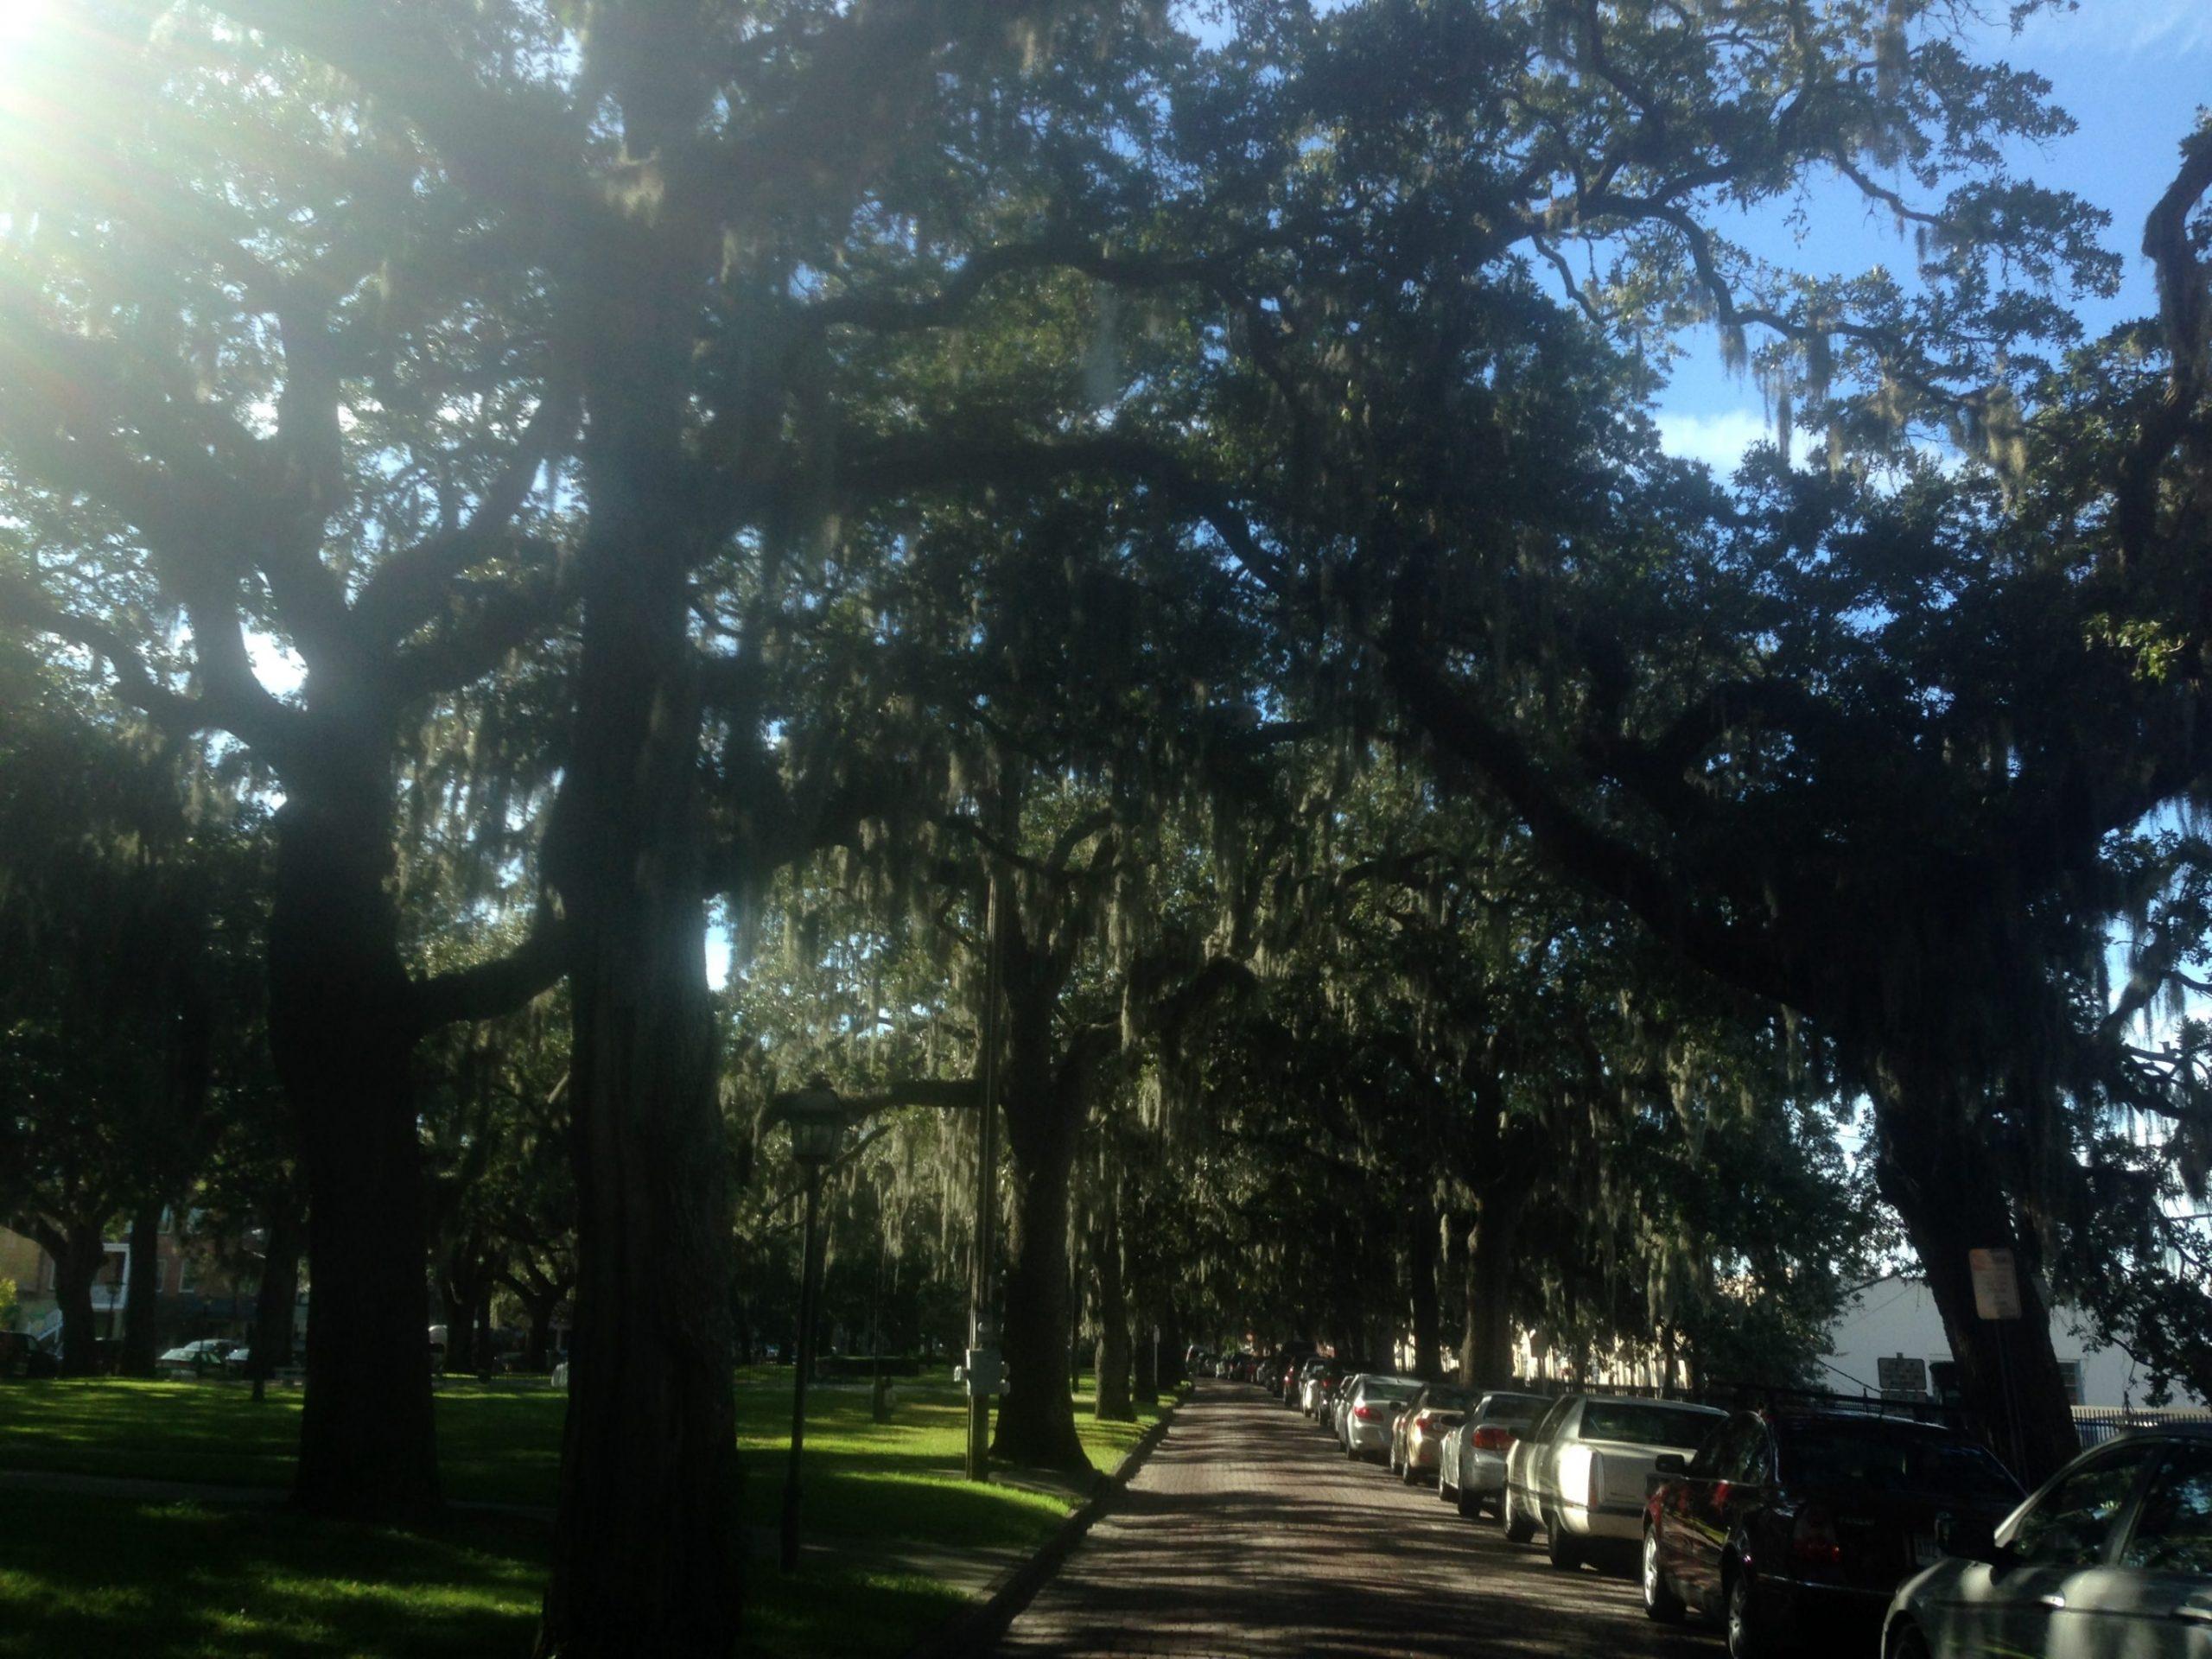 Days 140-141: South Carolina & Georgia